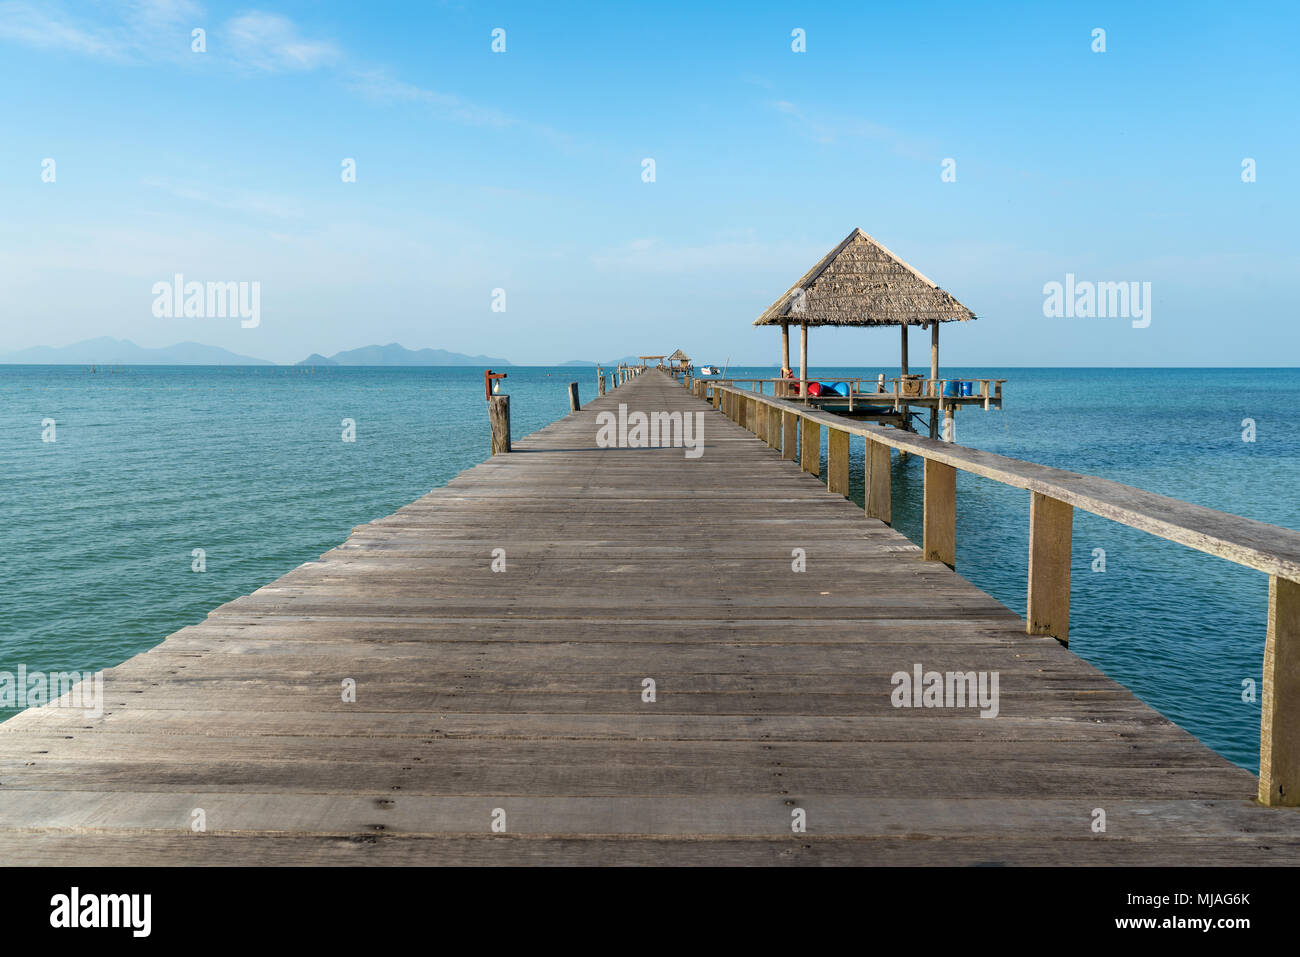 Hölzerne Pier zwischen Sonnenuntergang in Phuket, Thailand. Sommer, Reisen, Urlaub und Ferien-Konzept. Stockbild